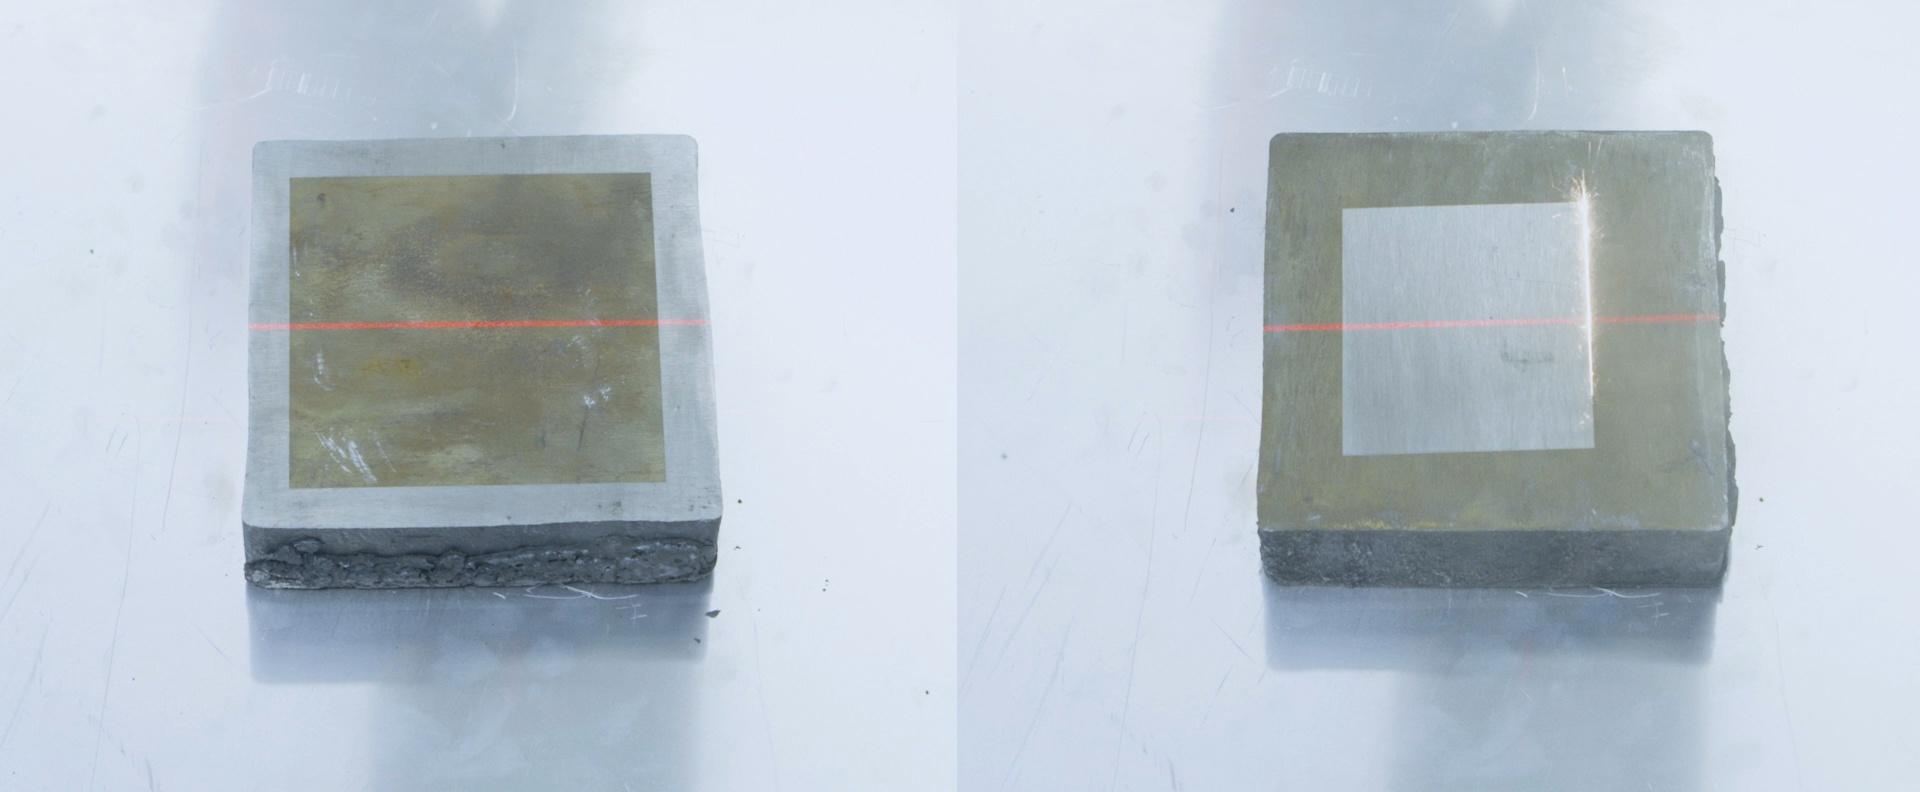 Laser cleaning on aluminum billet